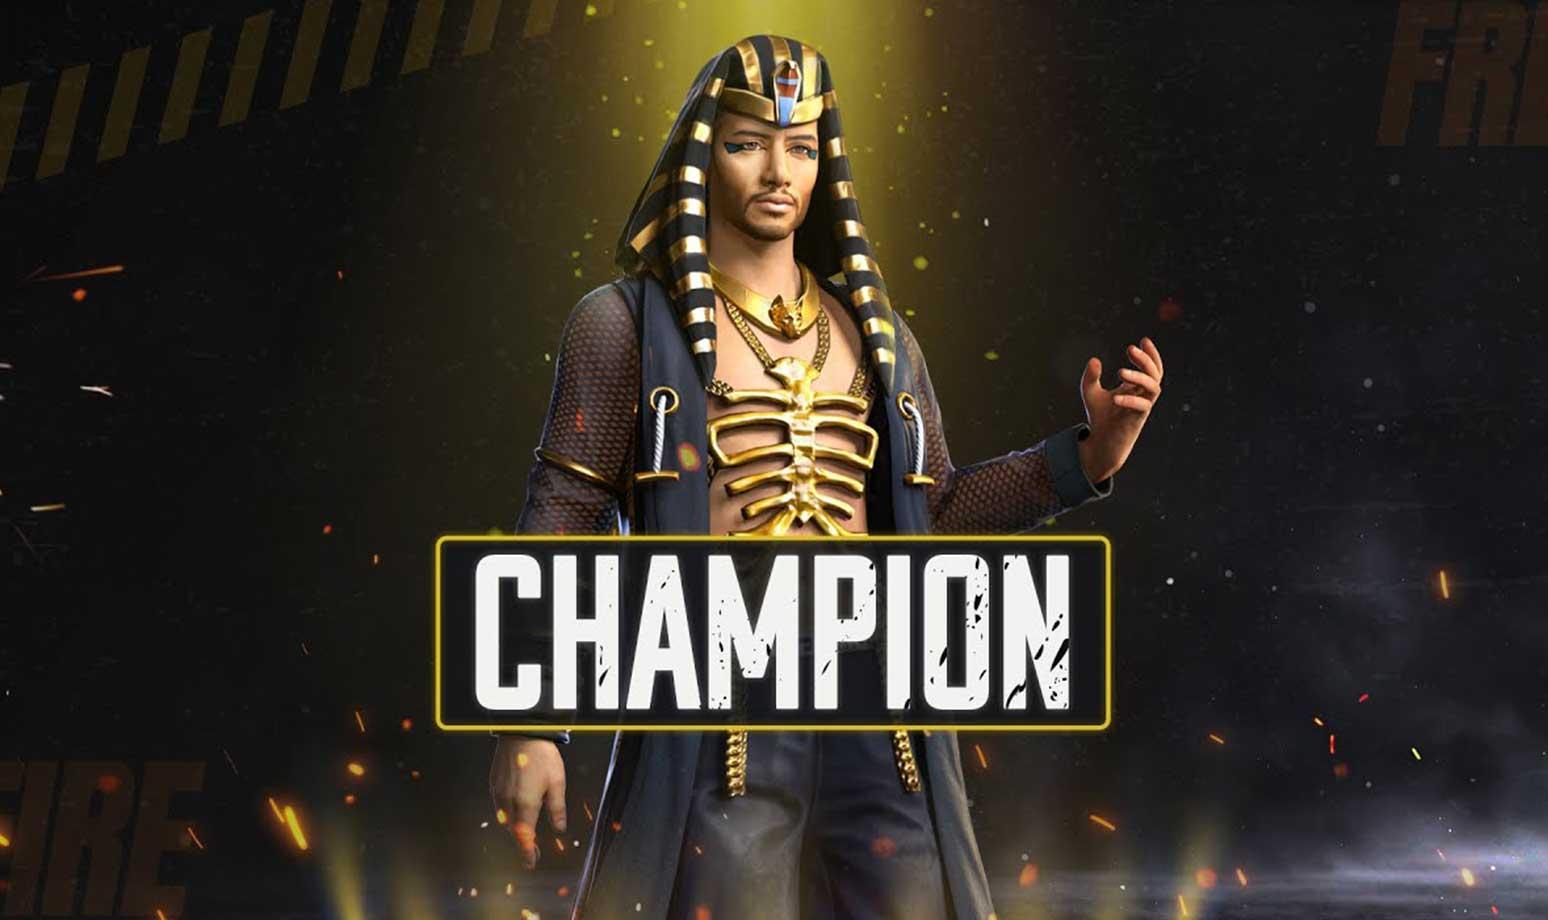 champion - mohamed ramadan ft. frankie j